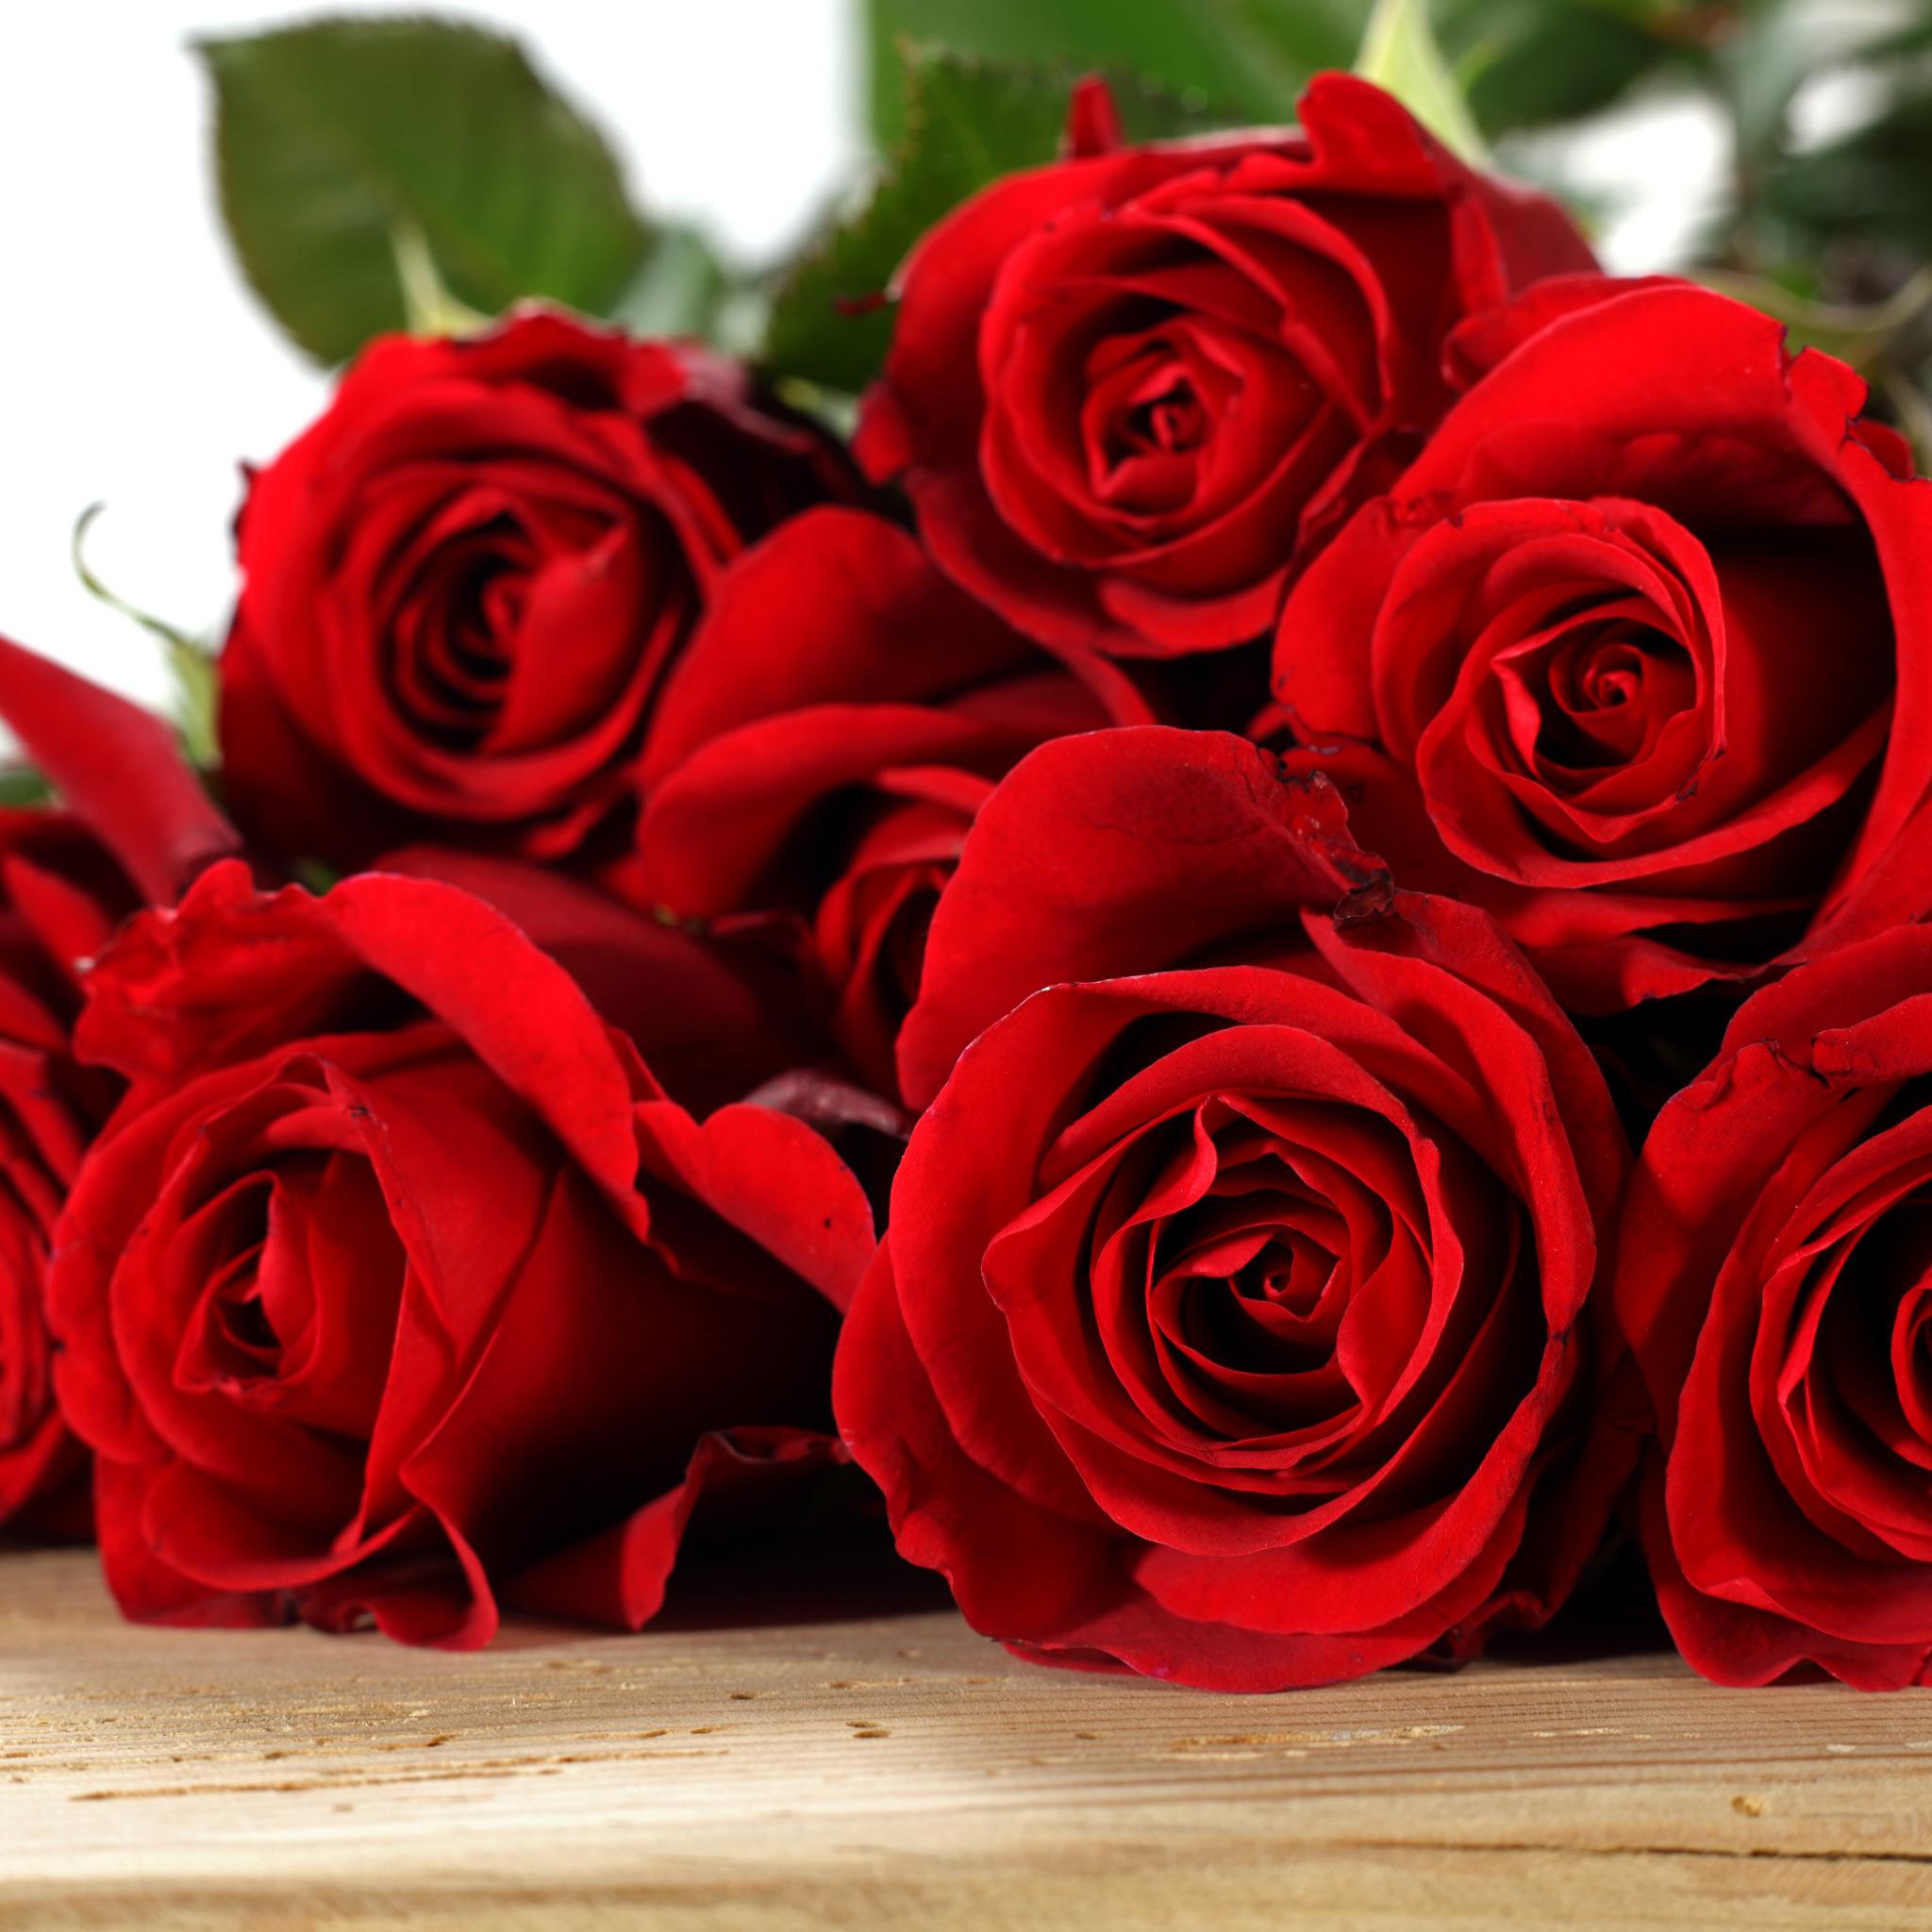 Открытки с днем рождения красные розы